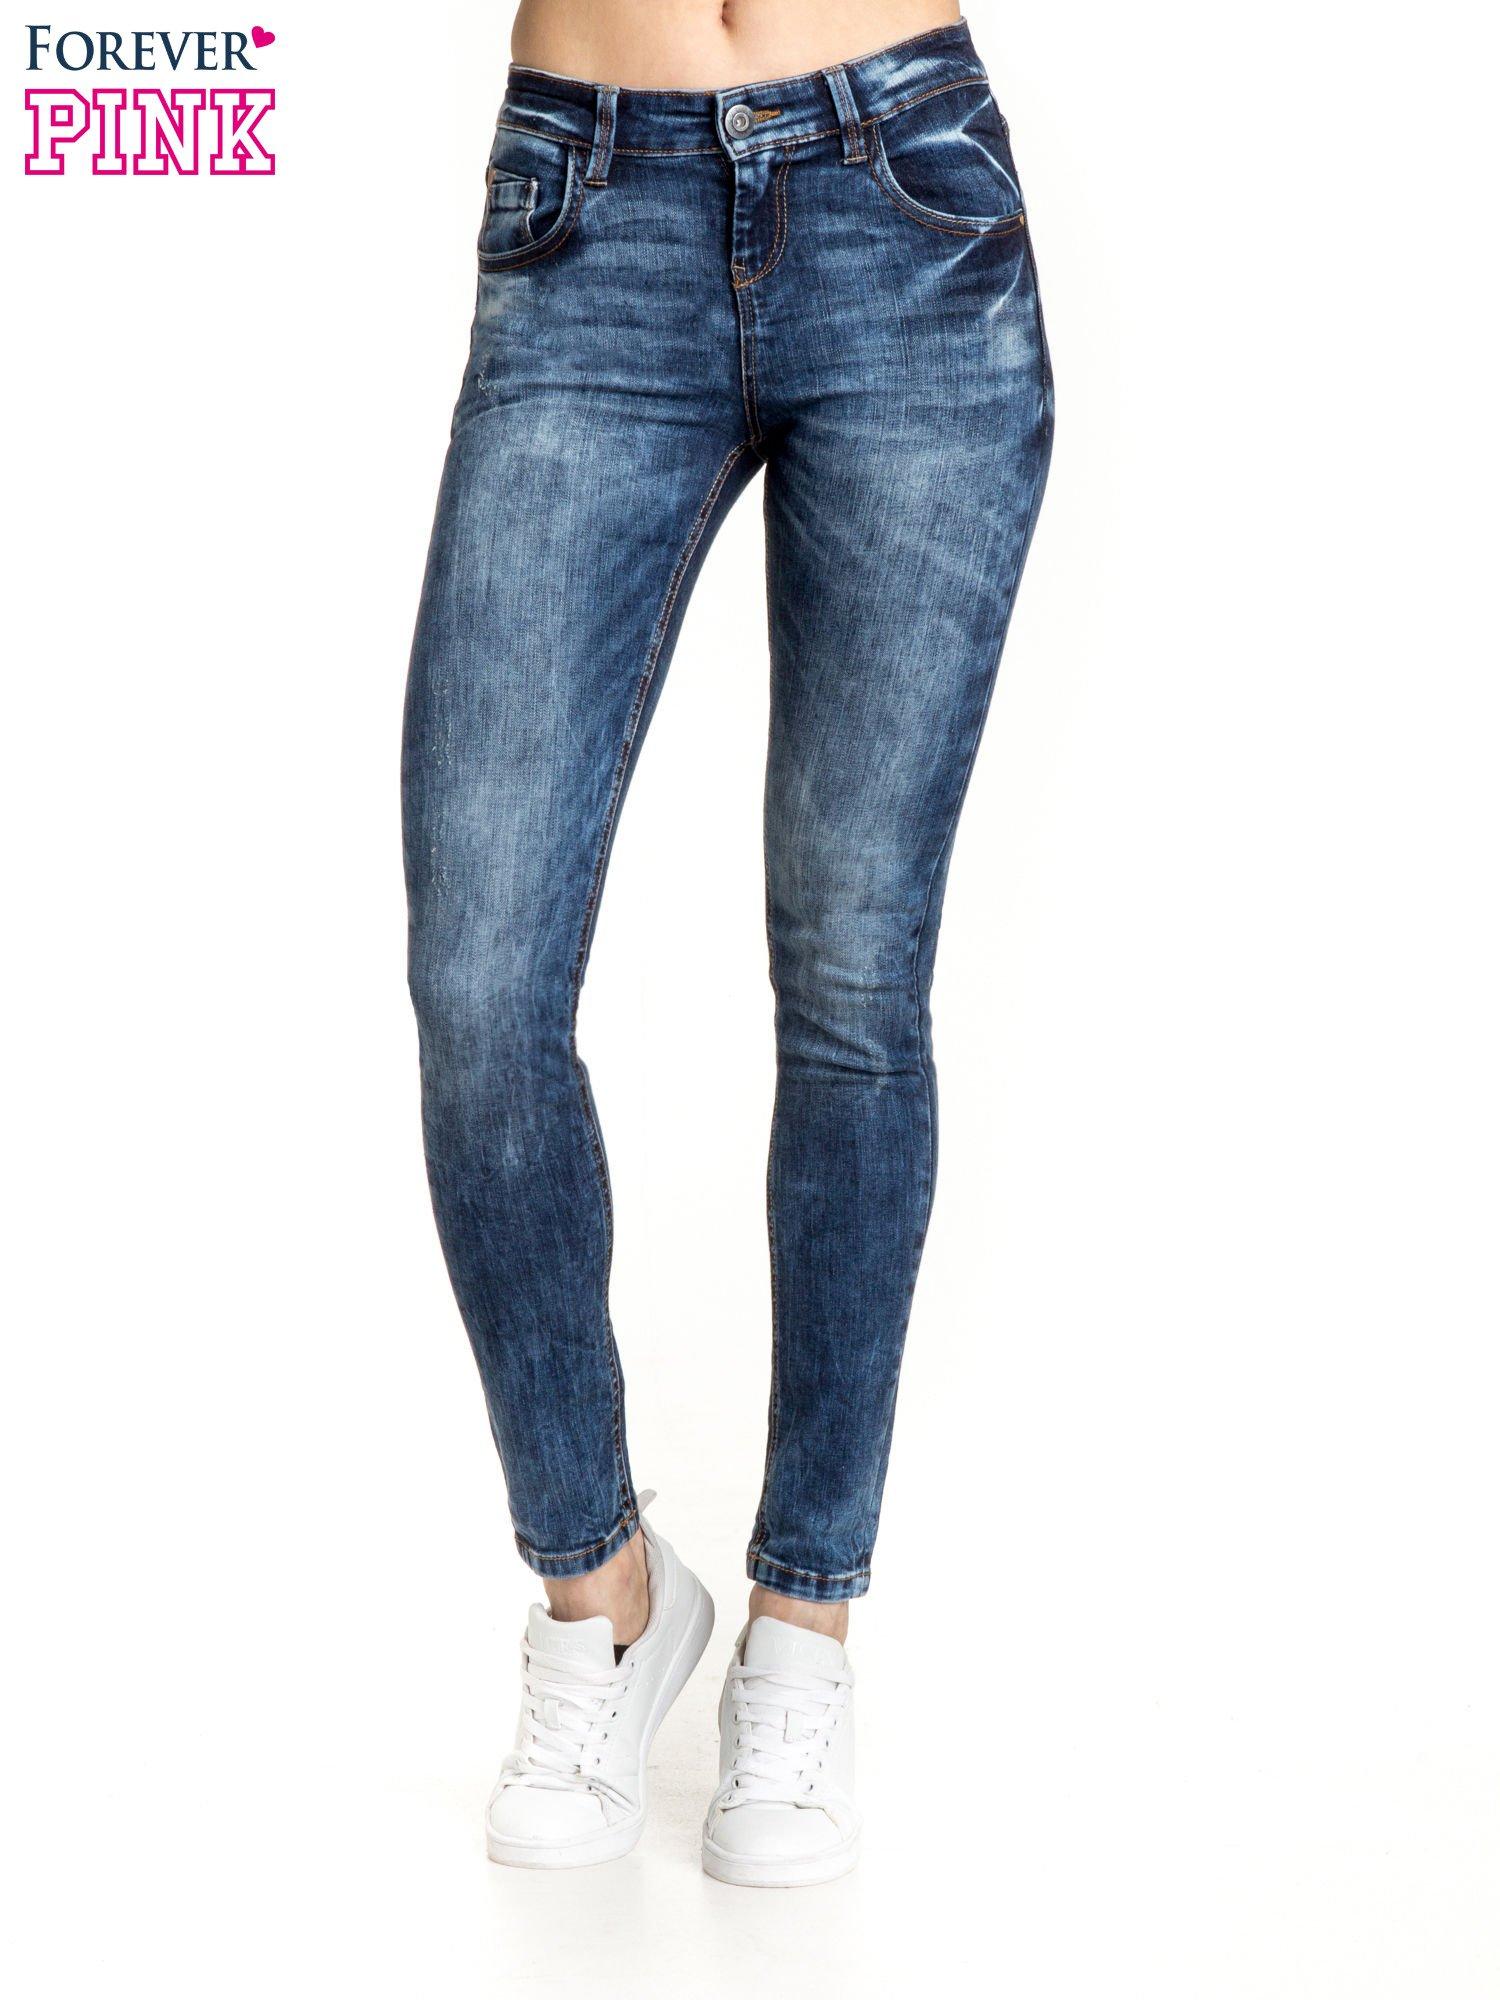 Granatowe spodnie skinny jeans z lekkim dekatyzowaniem                                  zdj.                                  1